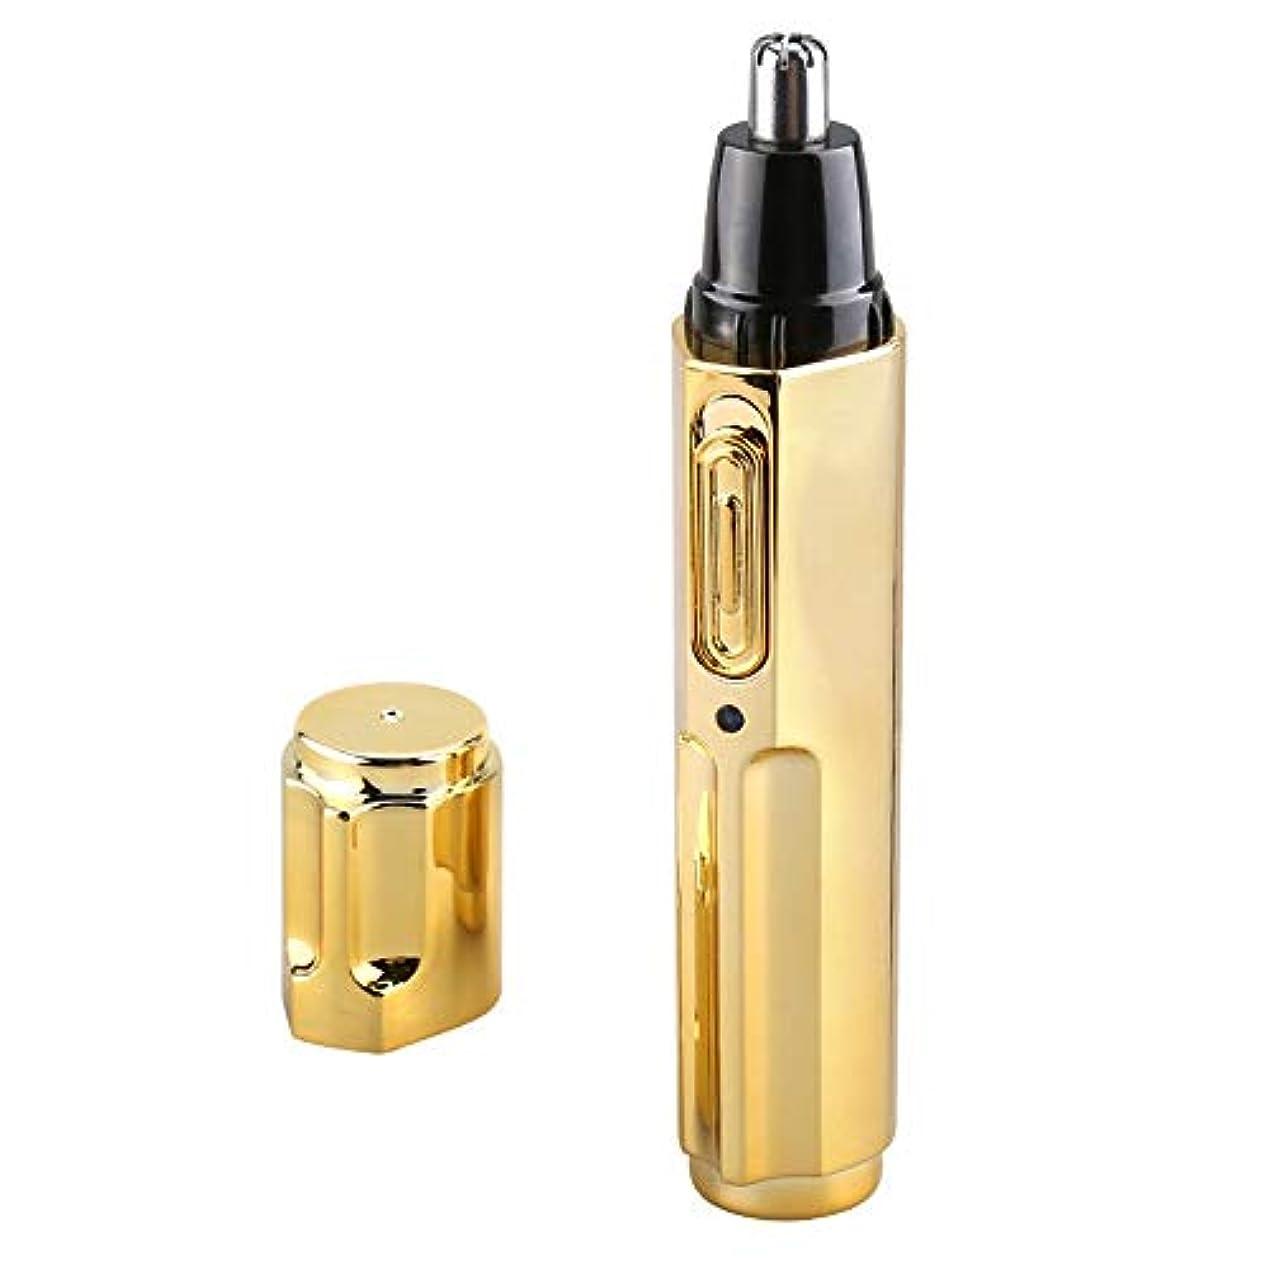 フレッシュファセット大理石鼻毛トリマー/充電式電動鼻毛トリマー/鼻孔クリーナー/ 13 * 2.8cm 持つ価値があります